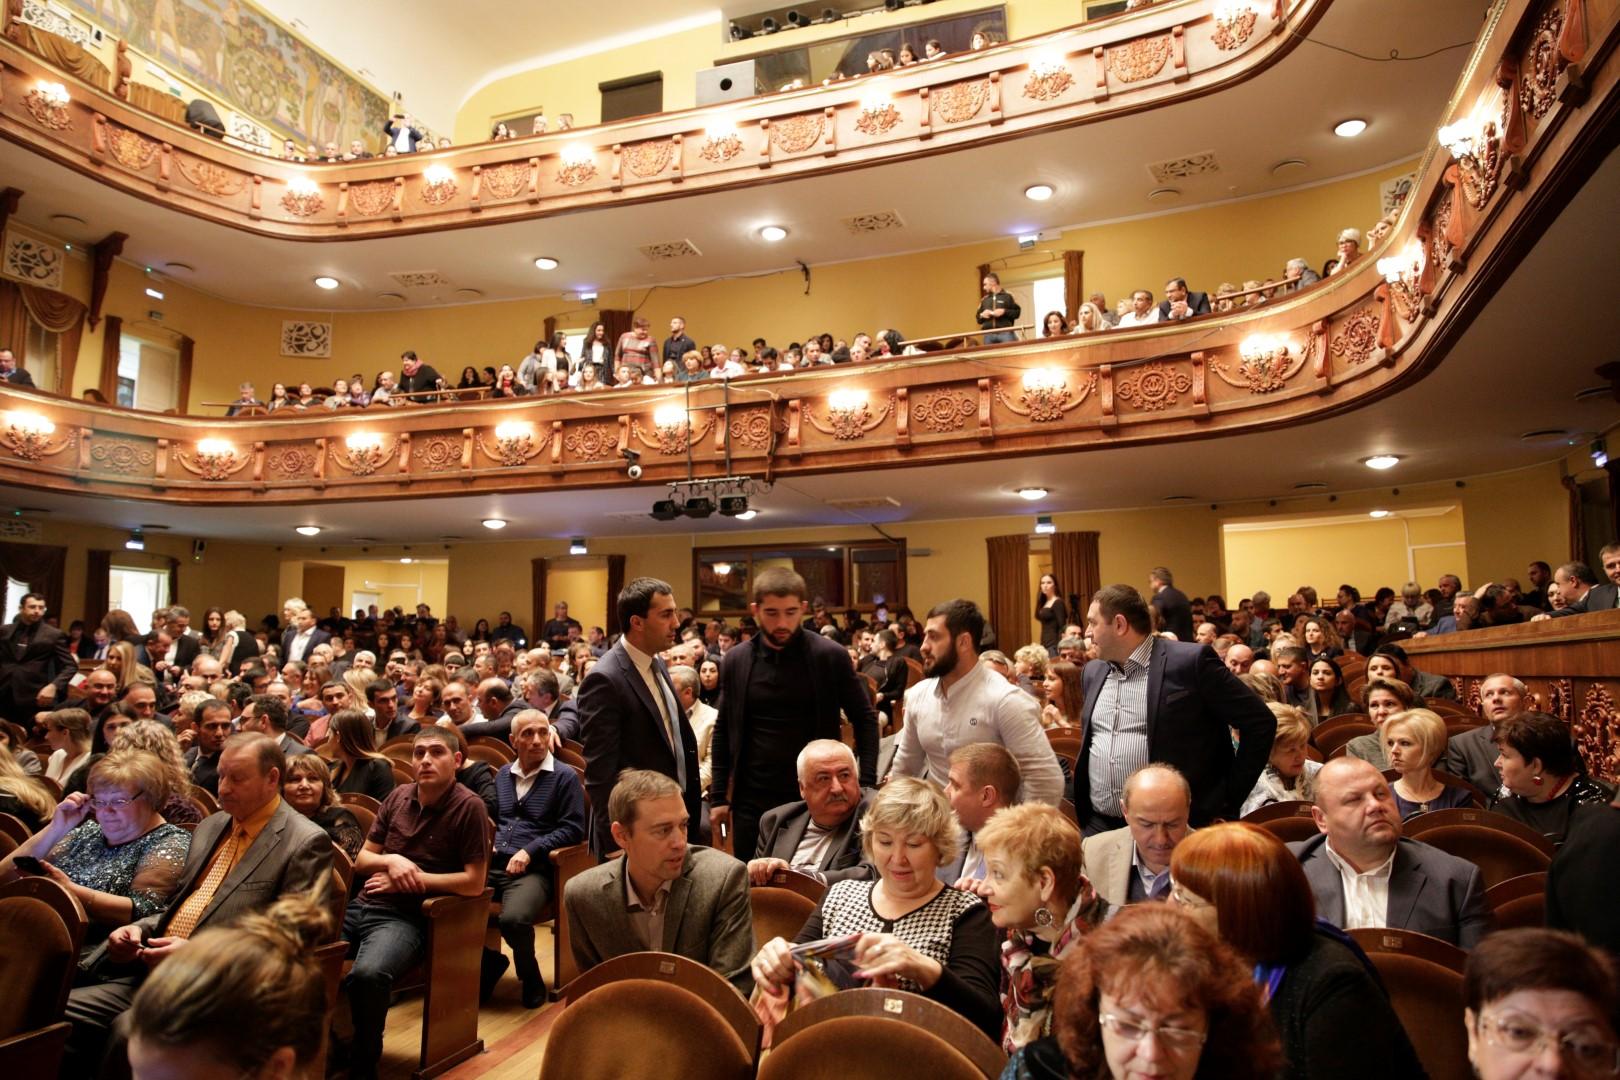 В Ярославле прошел торжественный вечер, посвященный независимости Армении и юбилею Шарля Азнавура